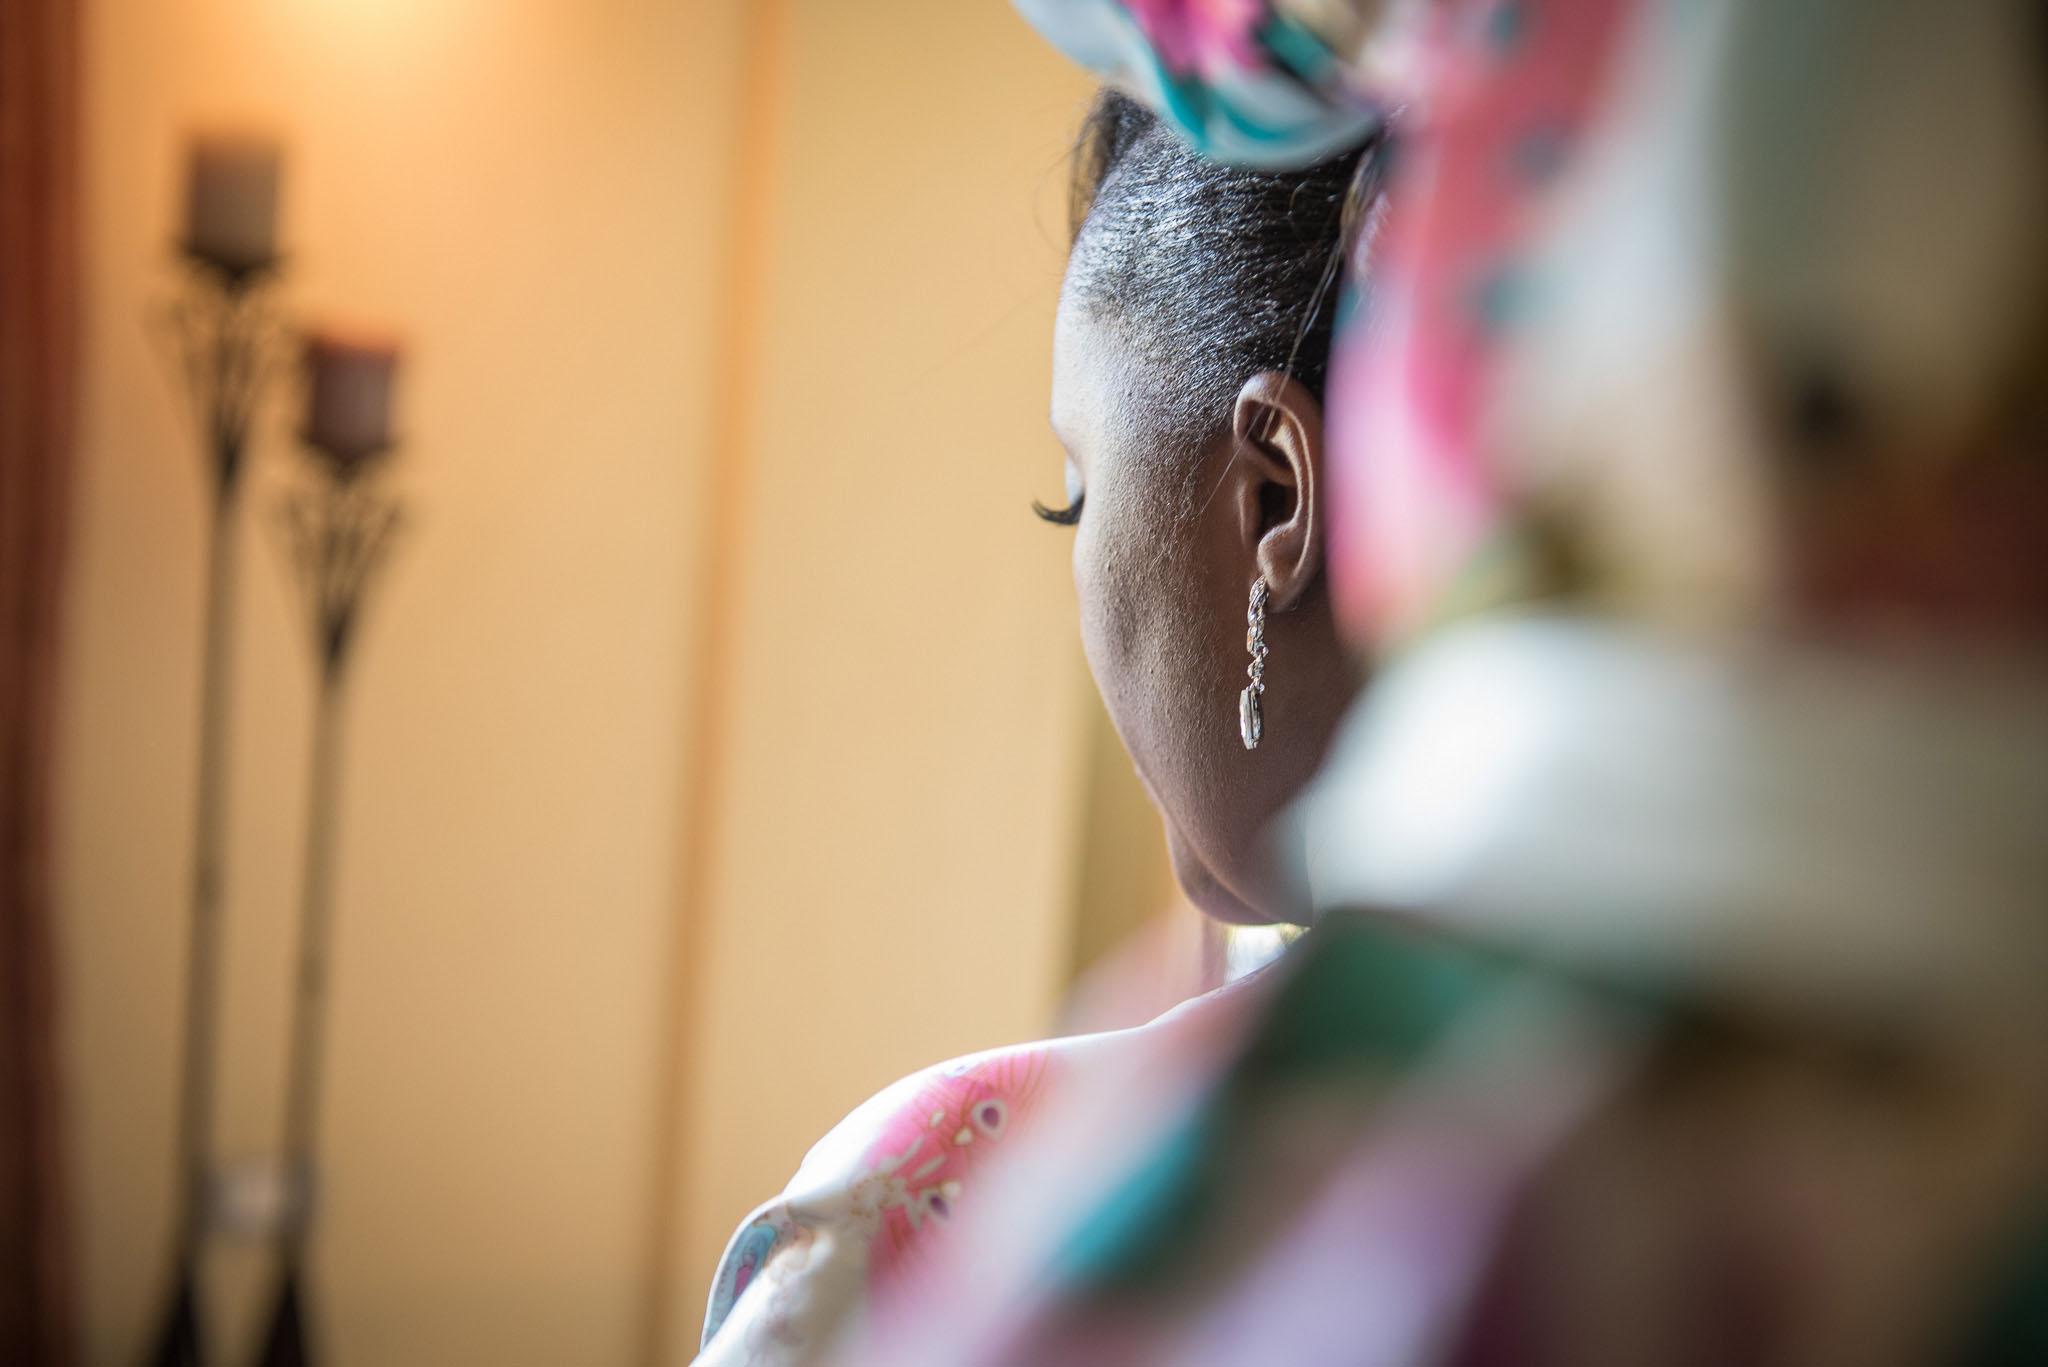 Matrimonio Nel Monferrato Dionne Dale - Wdding Matrimono Emanuele Tibaldi Fotografo 7 - Fotografo-matrimonio-a-Cuneo - Fotografo-matrimonio-a-Cuneo